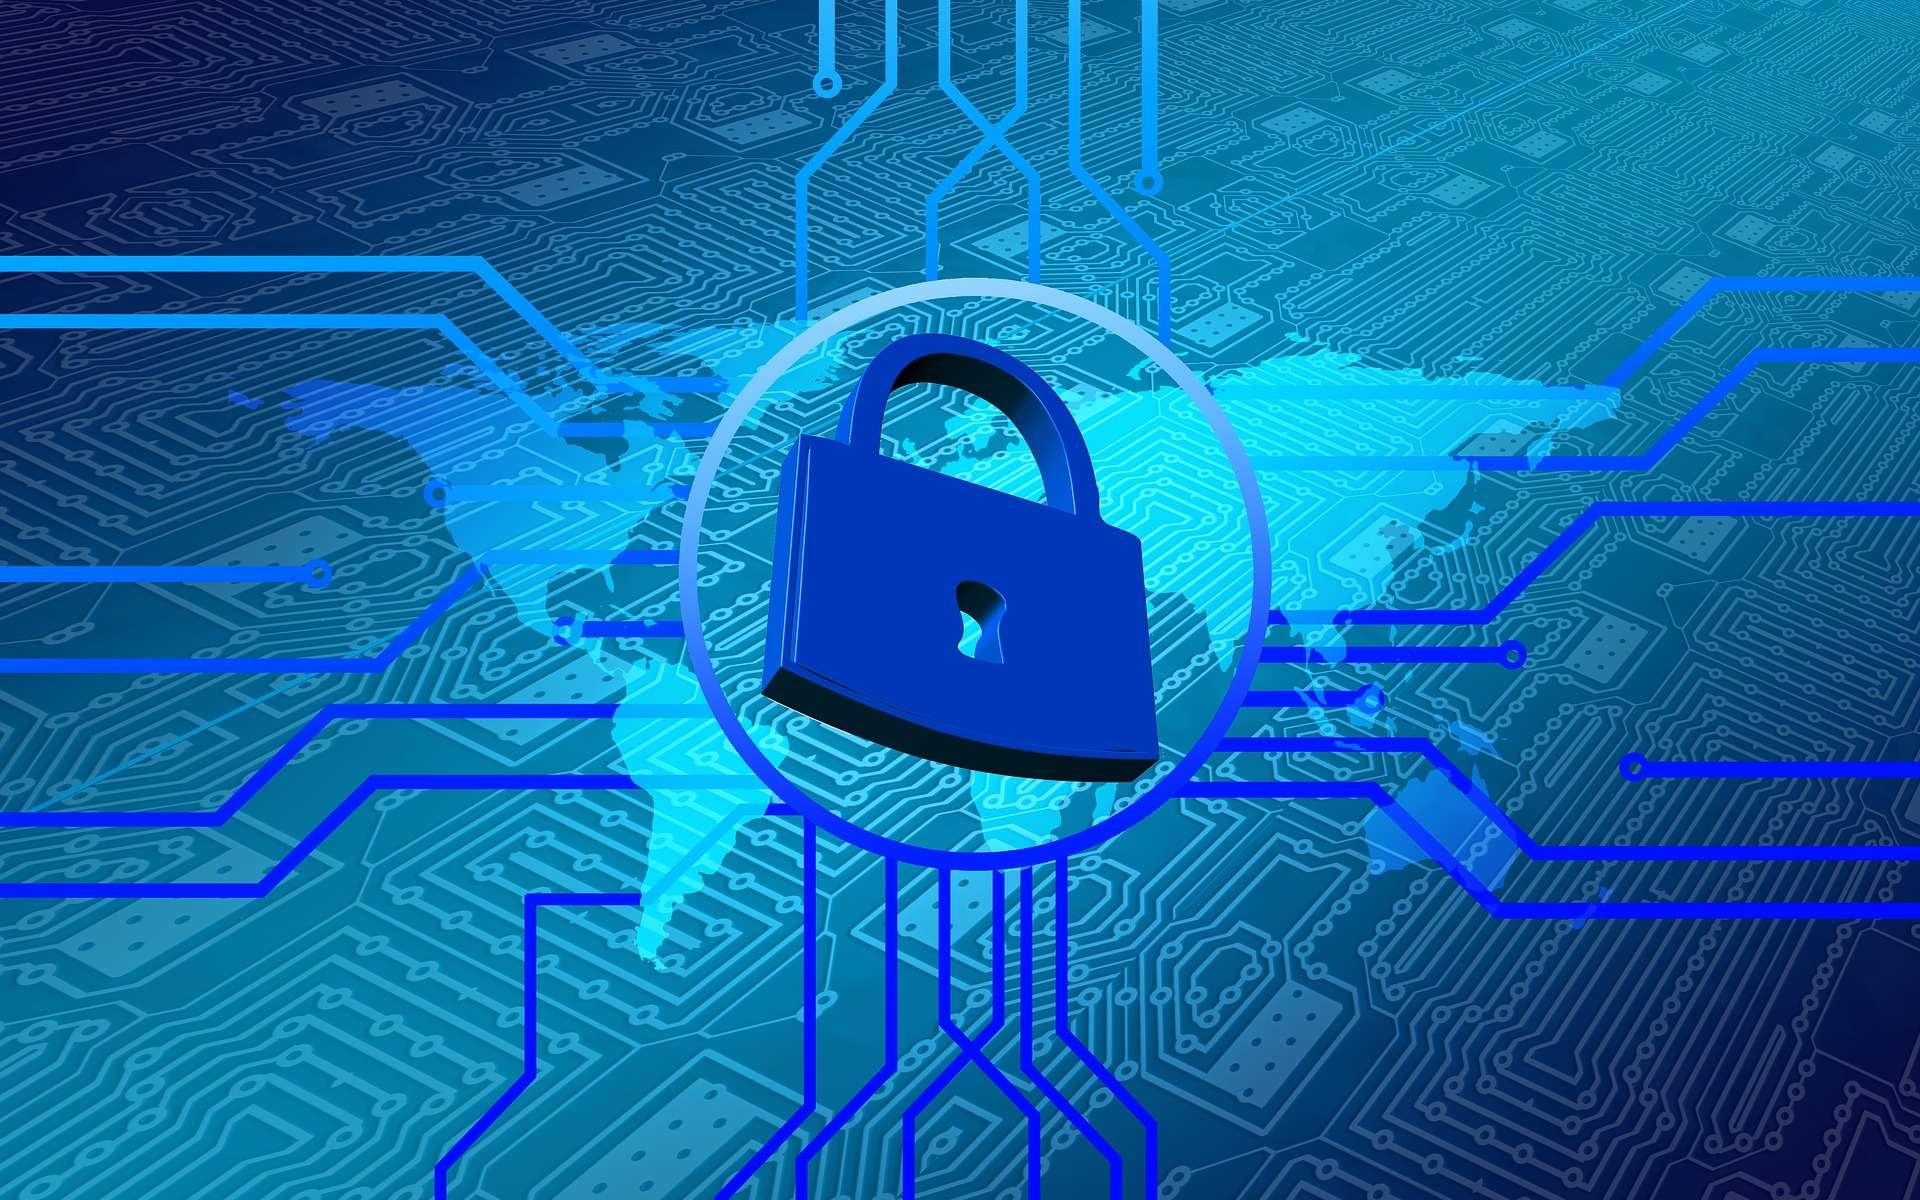 Une messagerie sécurisée a permis d'arrêter des centaines de criminels à travers le monde. © Gerd Altmann, Pixabay